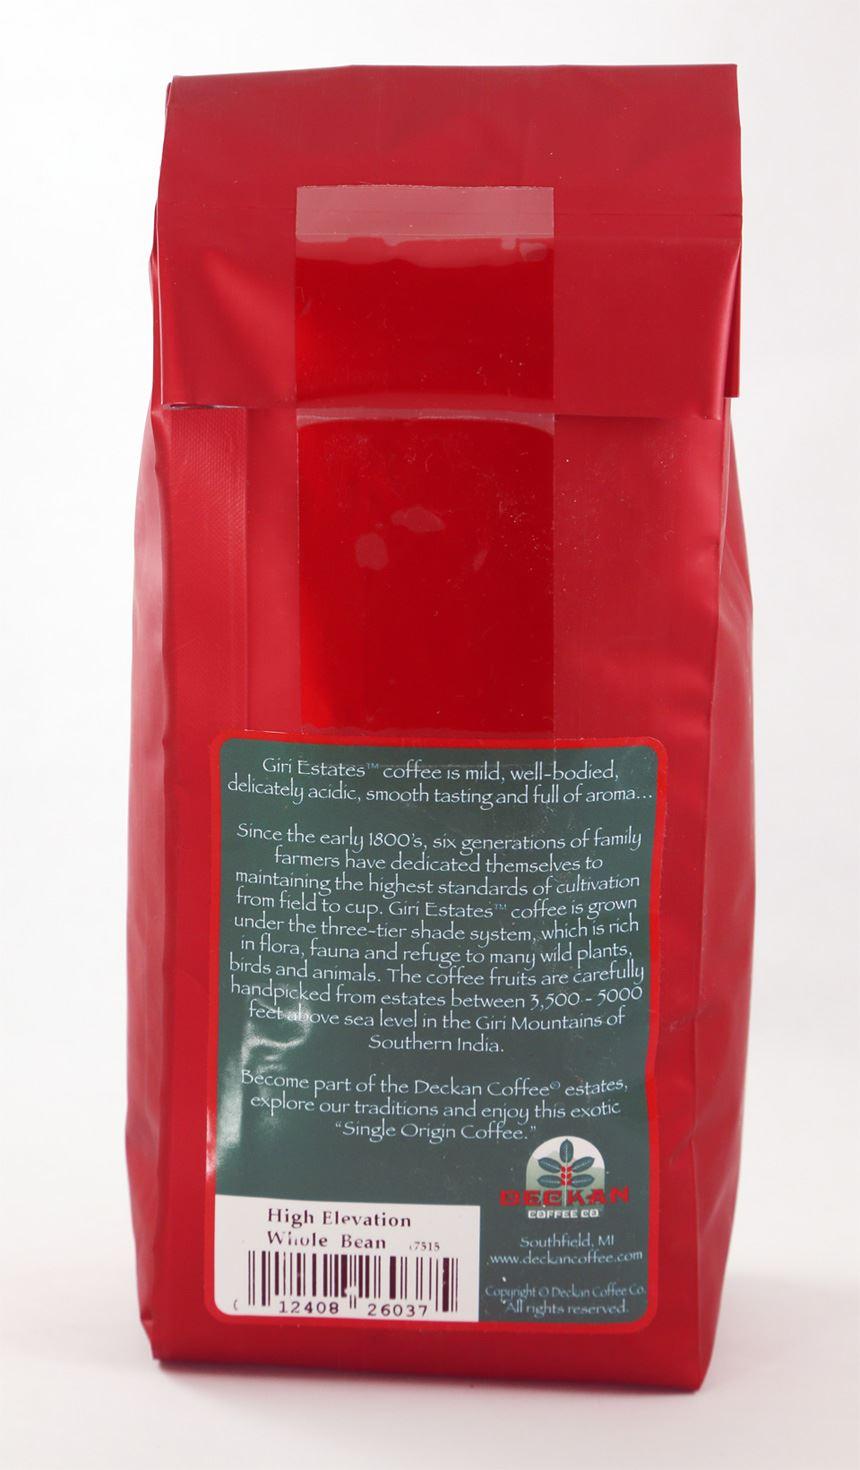 Coffee organic tea -  Picture Of Giri Estates Indian Coffee Roast